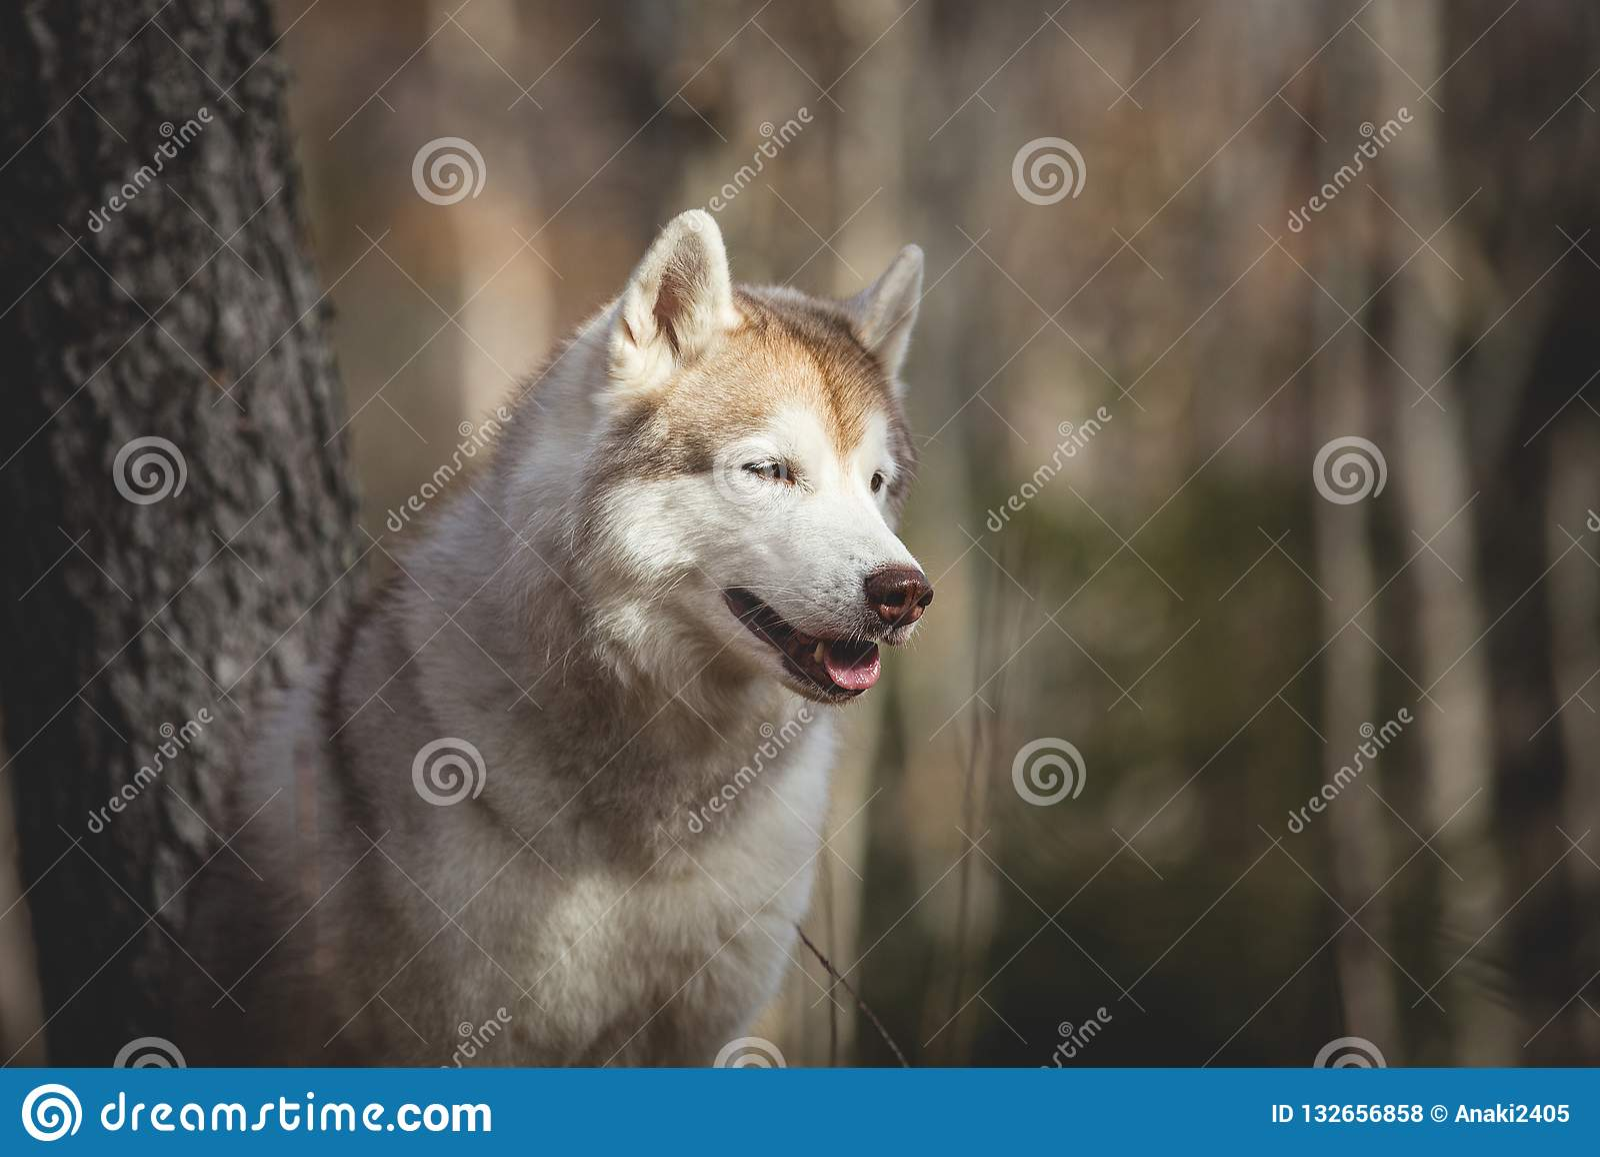 Πορτρέτο σχεδιαγράμματος της πανέμορφης και ελεύθερης σιβηρικής γεροδεμένης συνεδρίασης φυλής σκυλιών στο δάσος φθινοπώρου στο υπ